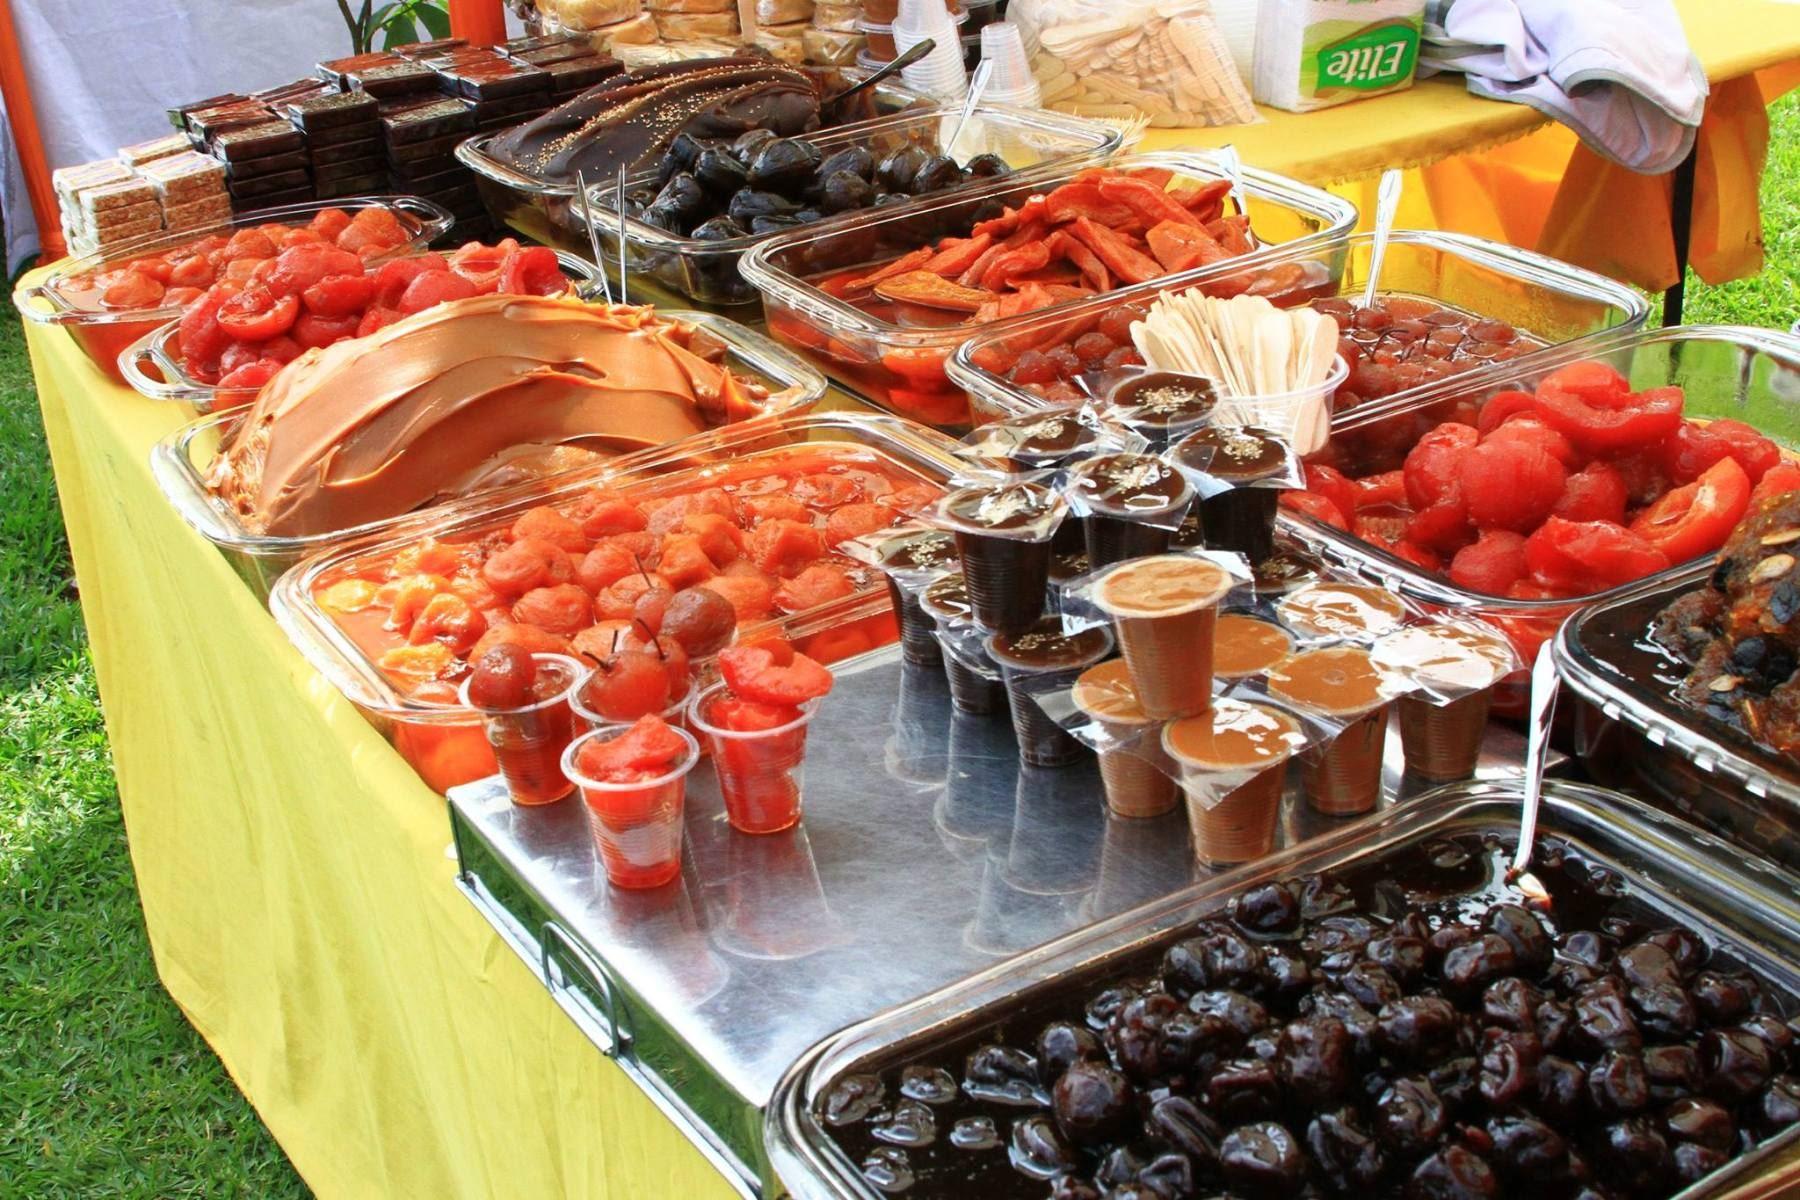 Público disfrutará de deliciosos postres y helados en feria de Magdalena. Foto: ANDINA/Difusión.